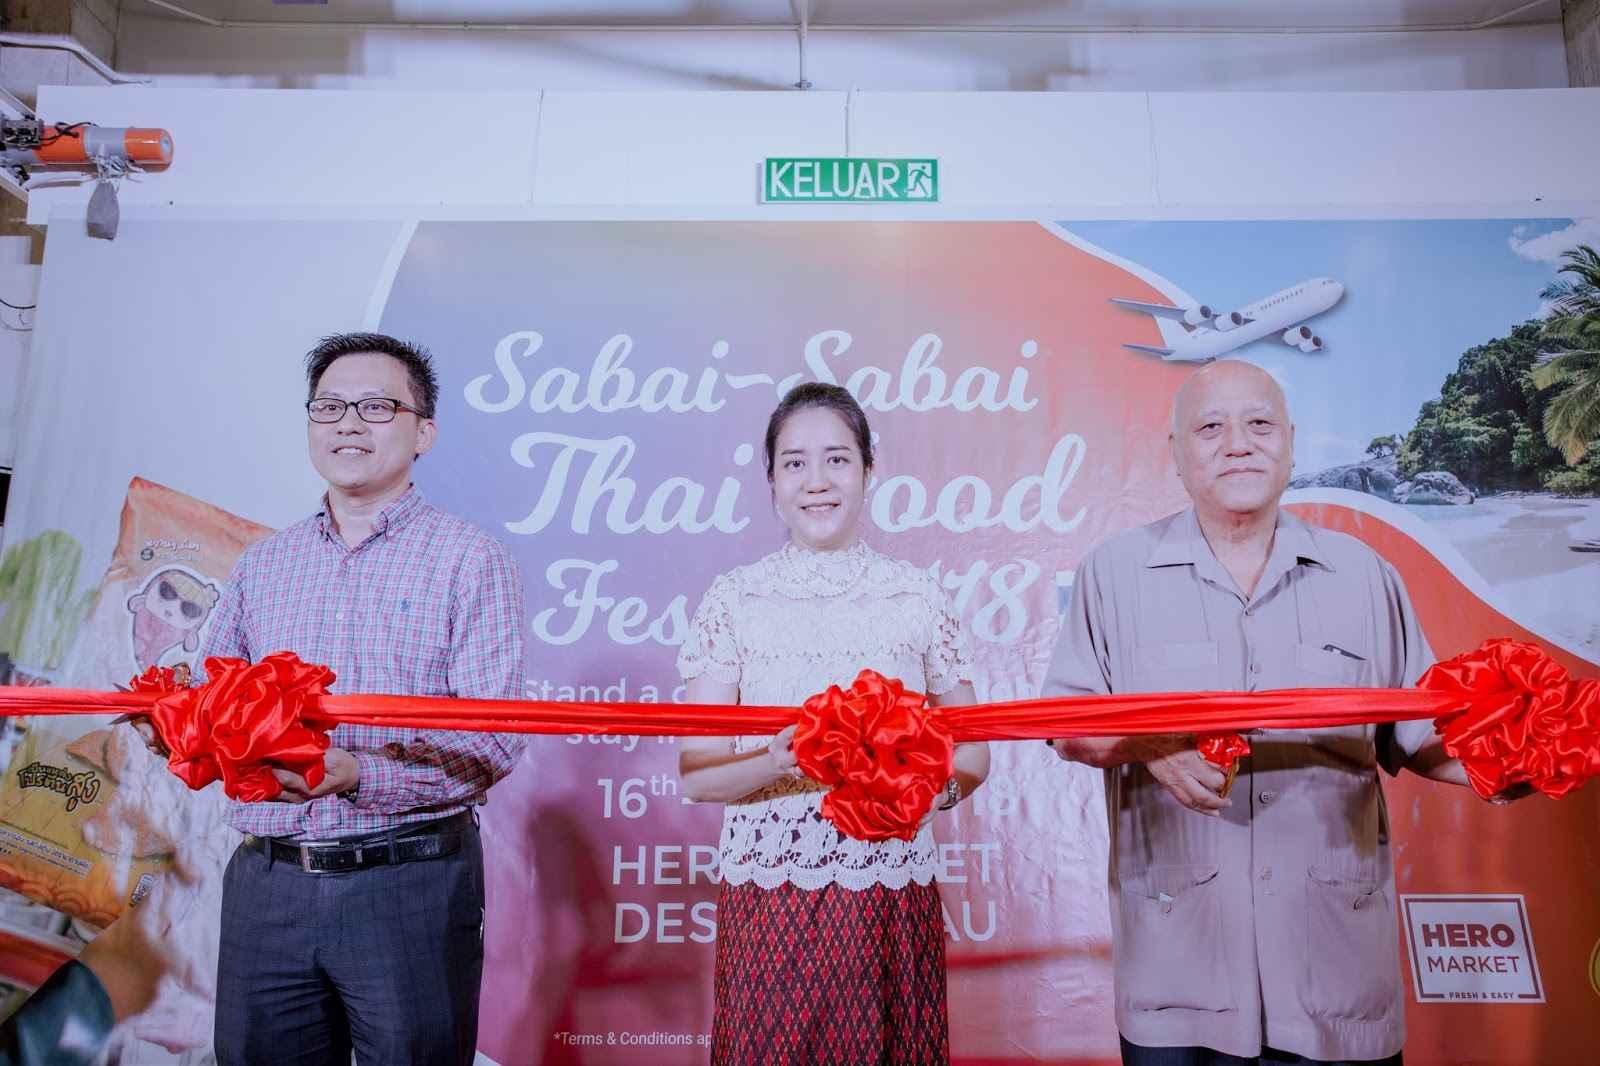 Johor Bahru Sabai Sabai Thai Food Festival